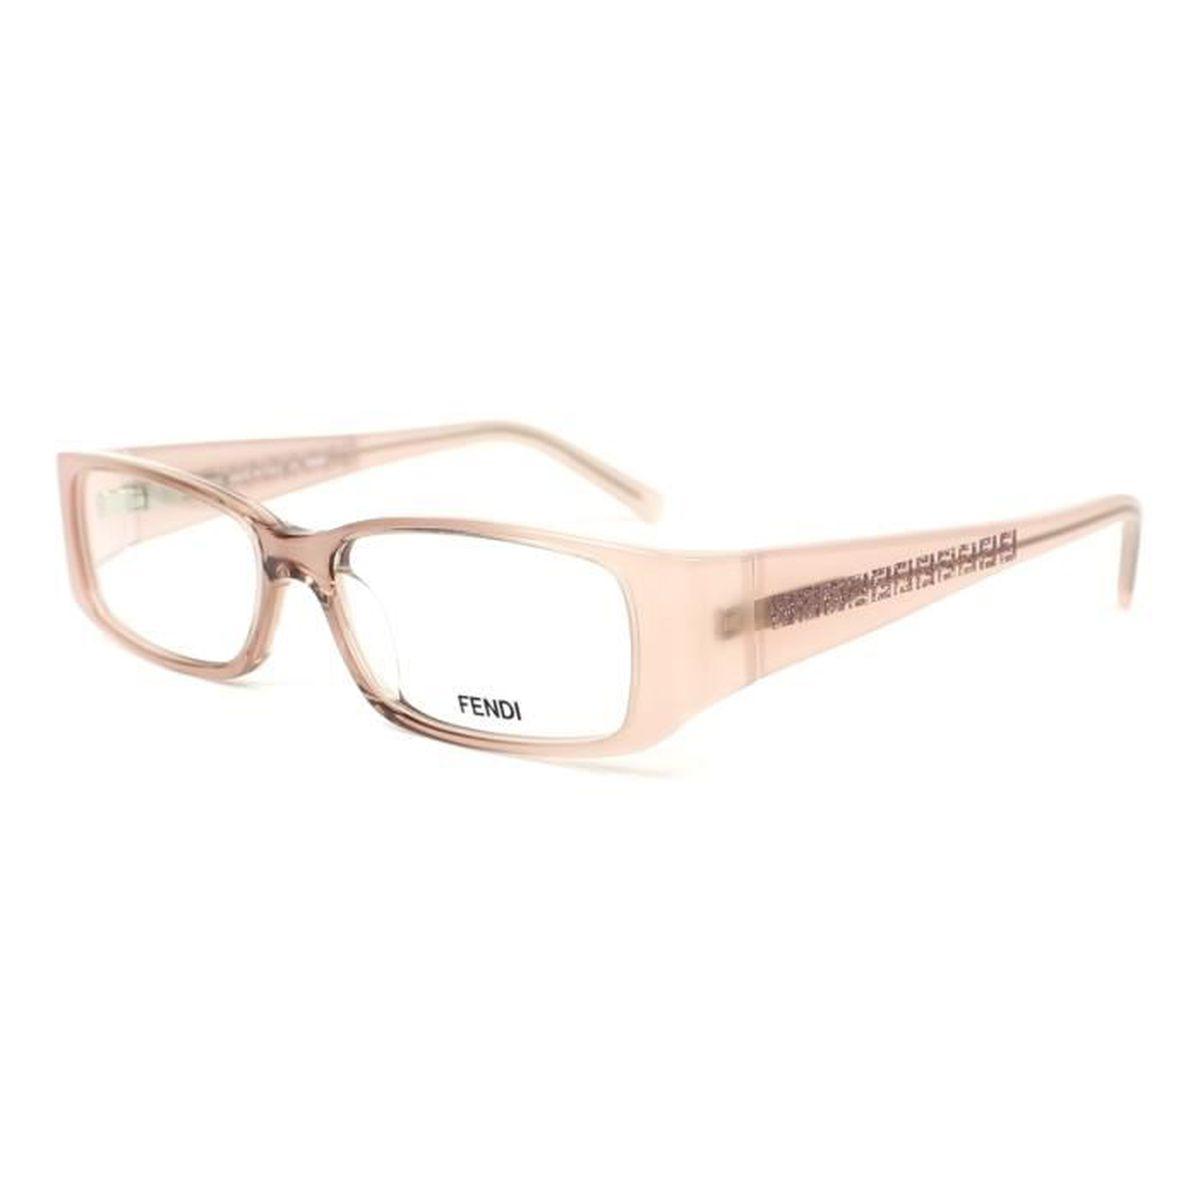 Lunettes de vue Fendi F830 -688 Rose - Achat   Vente lunettes de vue ... 21a152ae3ff5